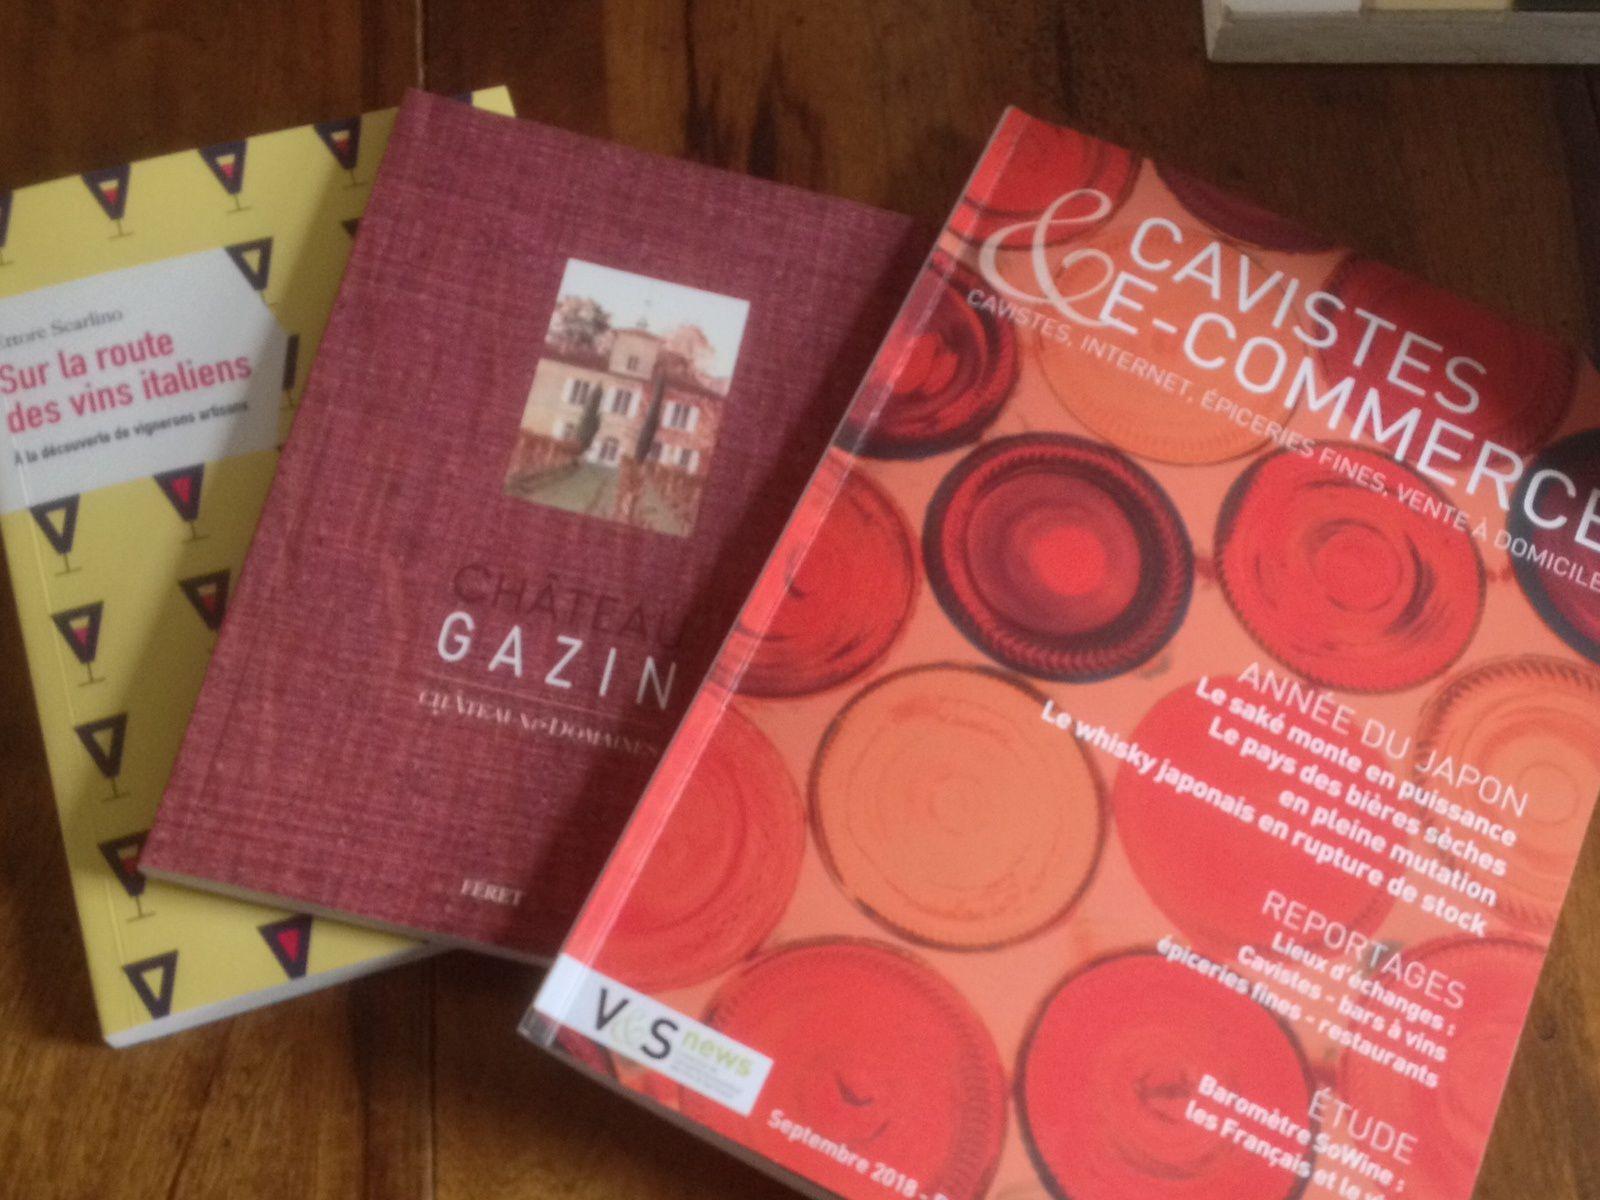 Château Gazin, les vins italiens et des histoires de saké entre les lignes ...